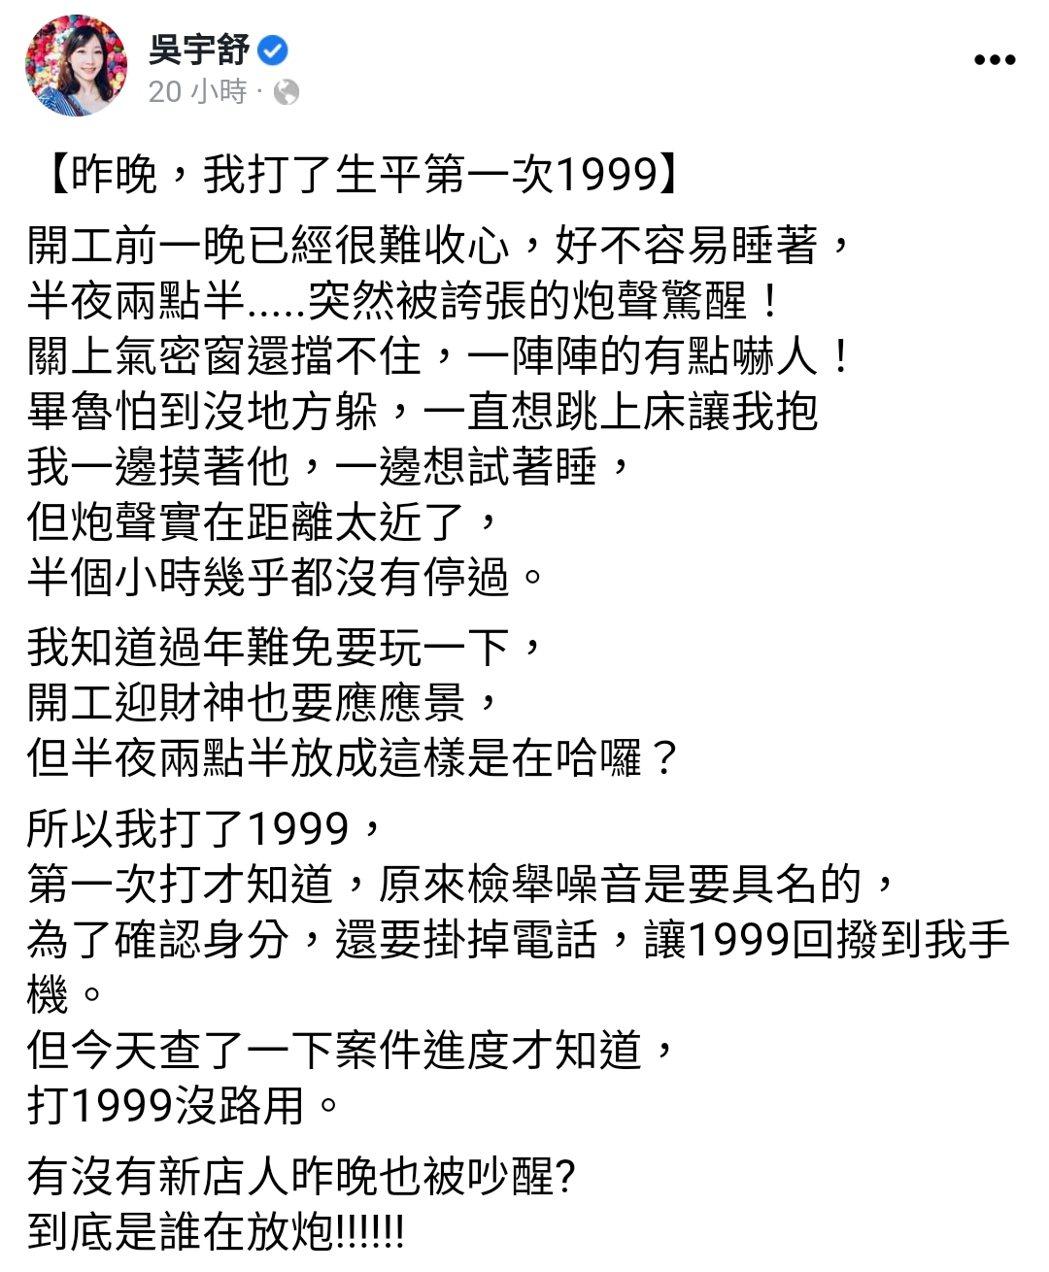 吳宇舒打1999檢舉噪音案件處理進度。 圖/擷自吳宇舒臉書